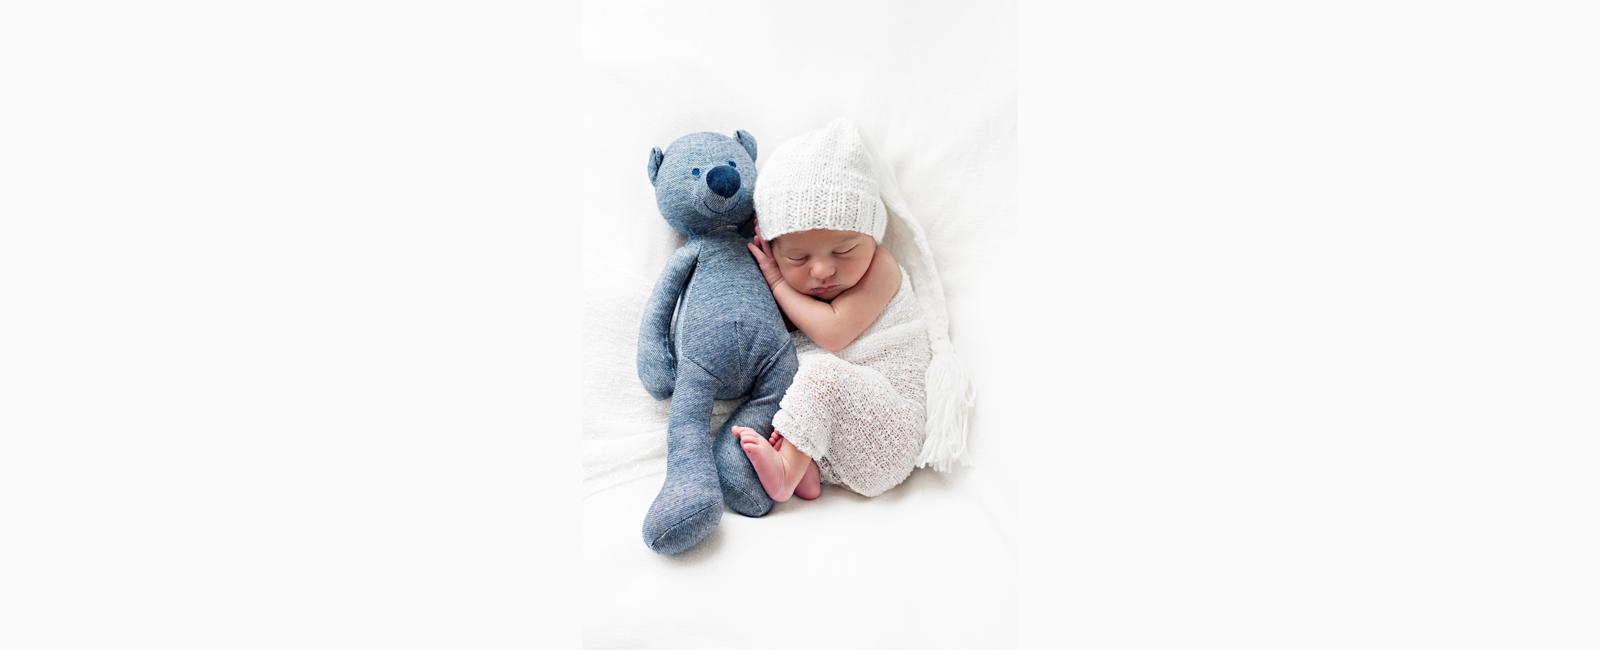 newbornfotografie, newbornshoot, newborn